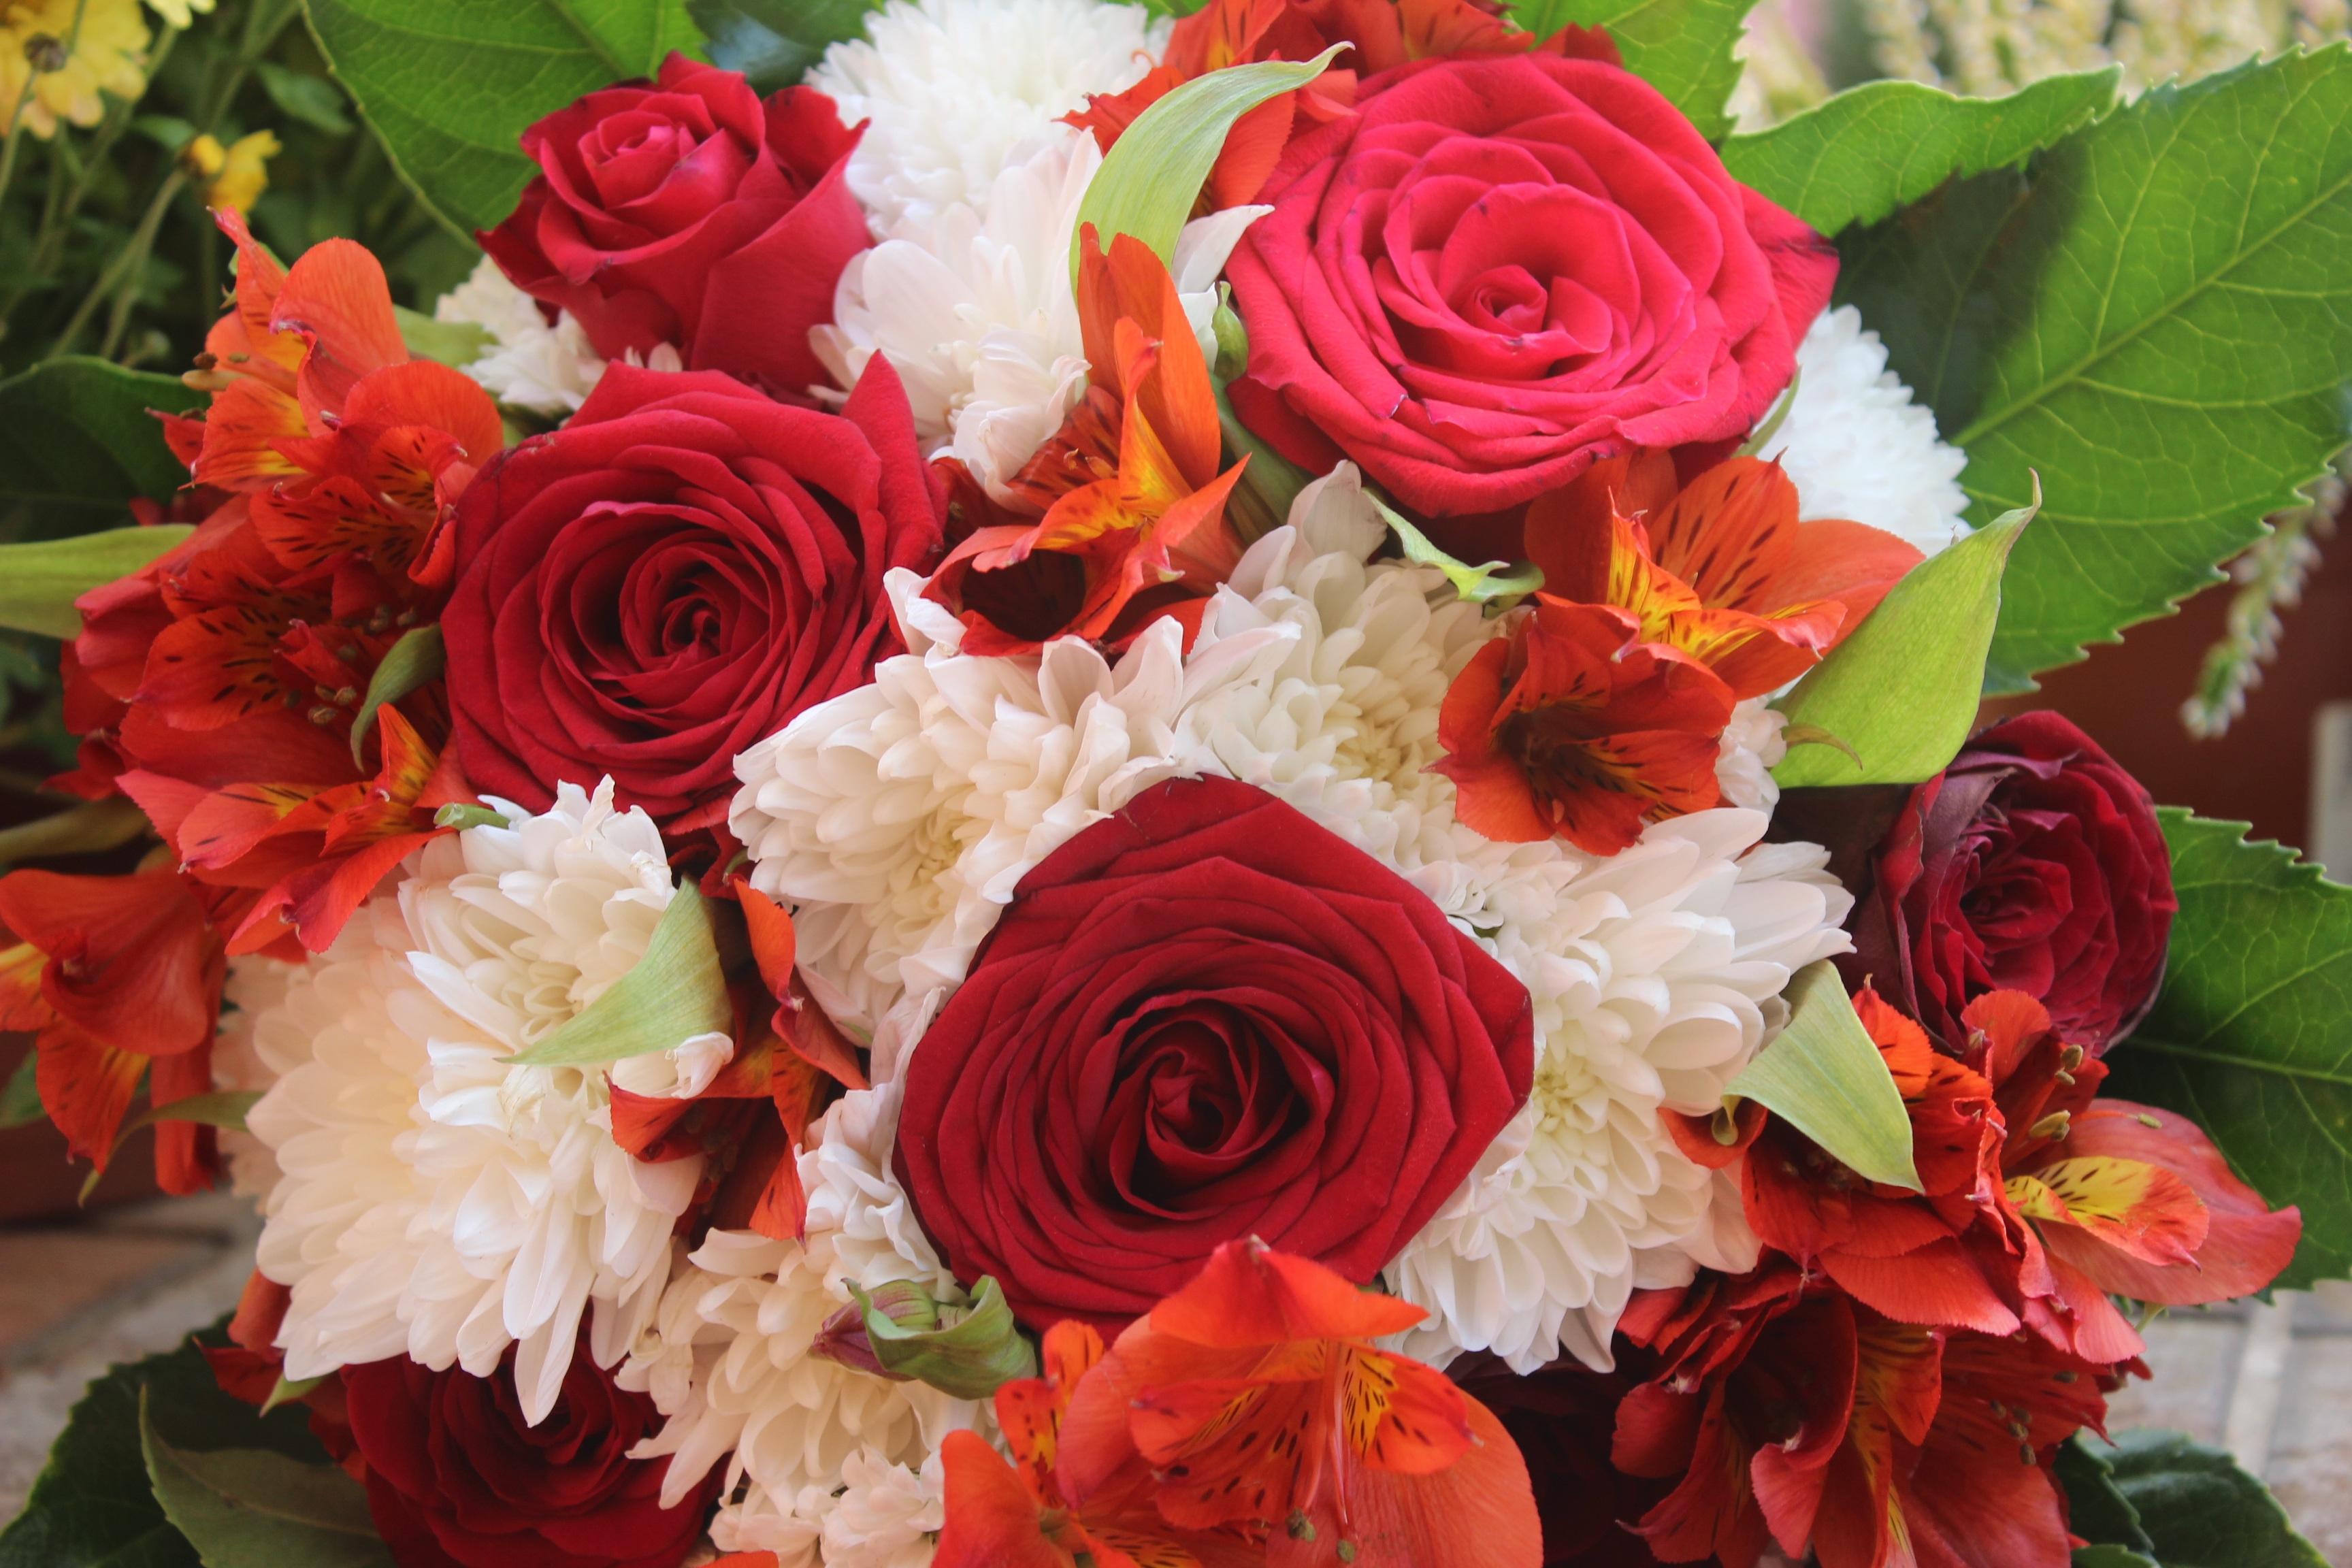 Afskårne Roser gratis billeder : blomst, kronblad, dekoration, rød, roser